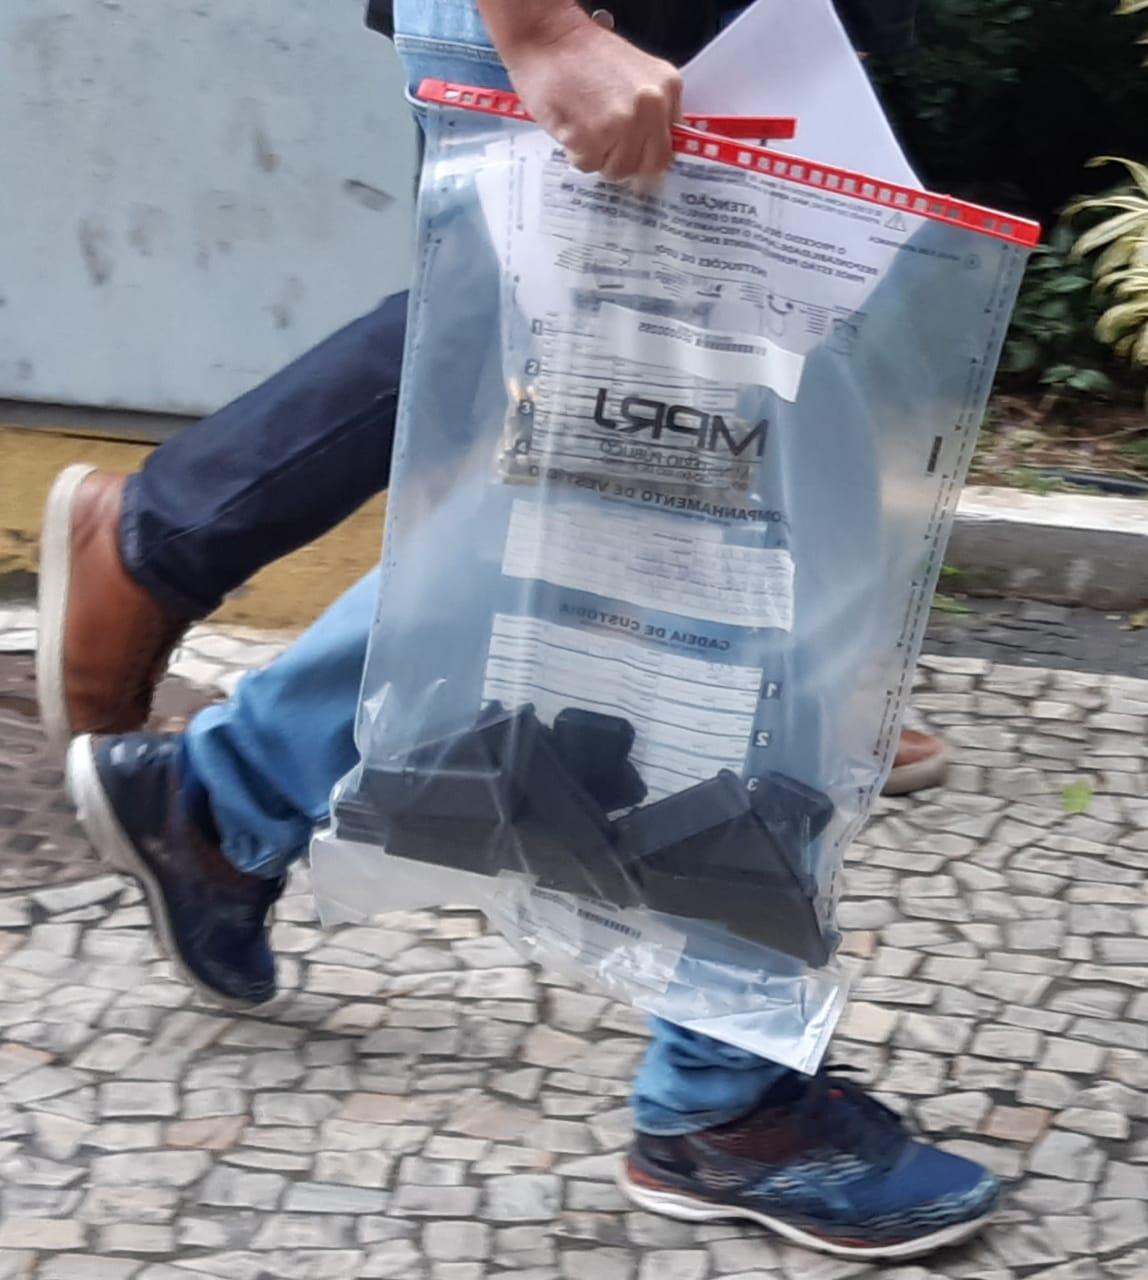 Material apreendido em operação do Ministério Público que prendeu um delegado da Polícia Civil